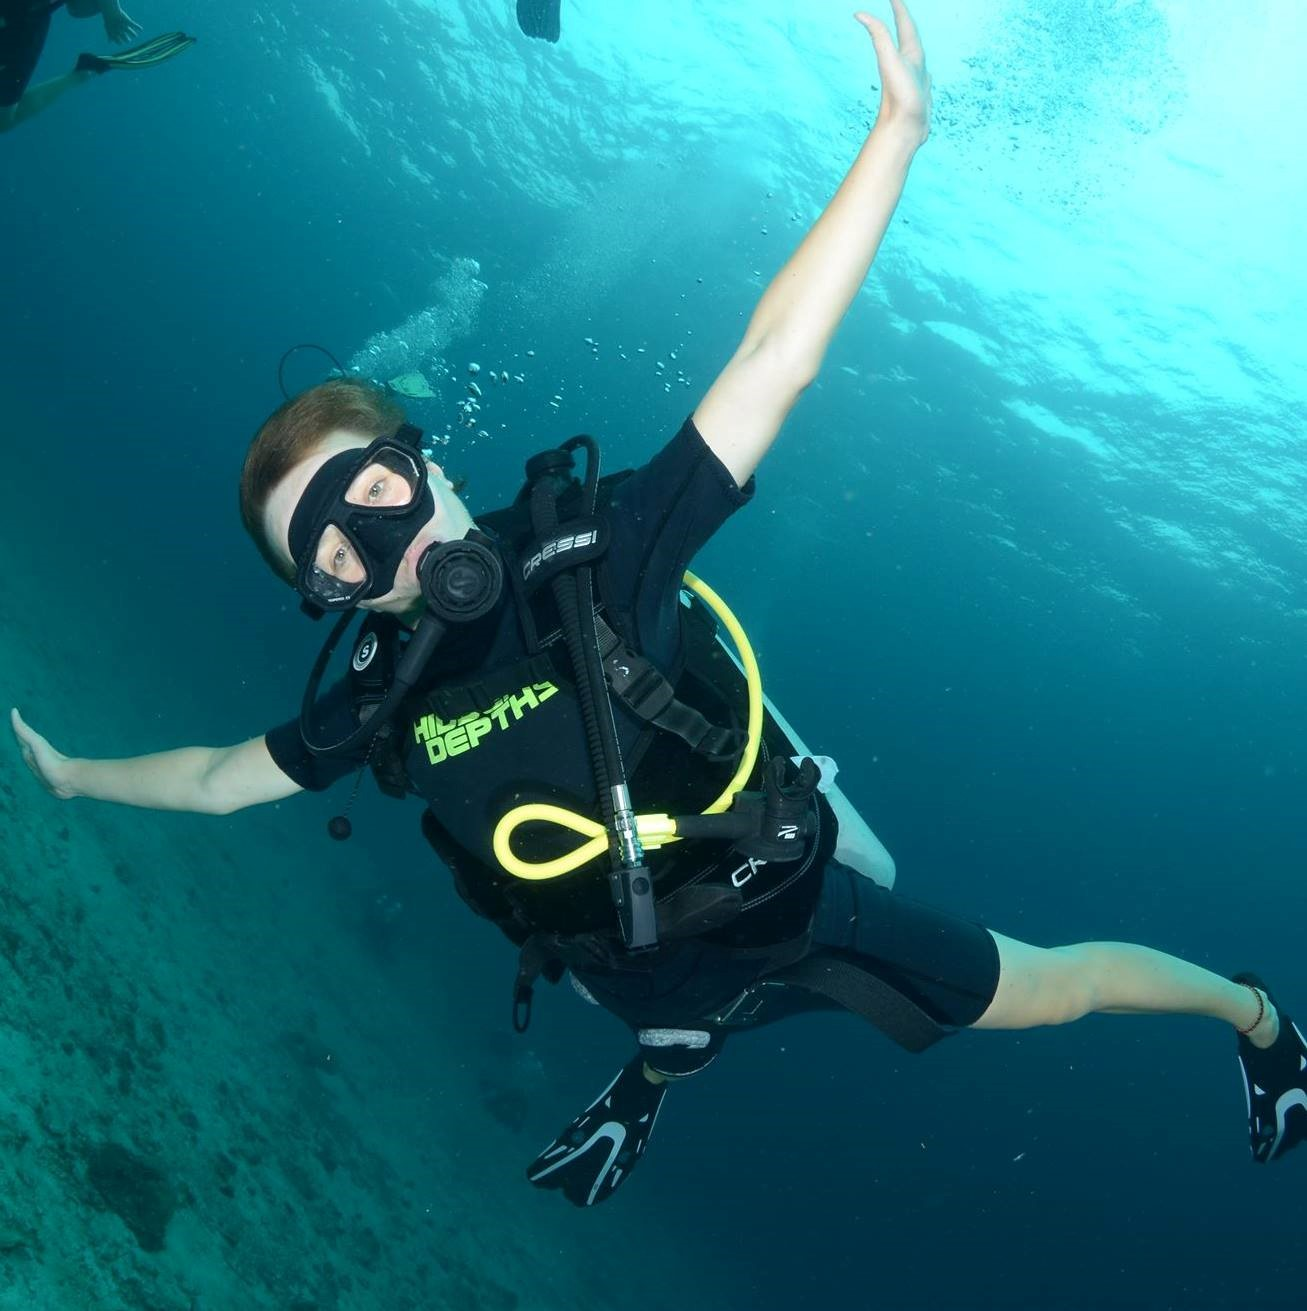 46f4e8f1df47b3fefe450e1c0d857abaa5745e2a - Diving Experience in Agadir